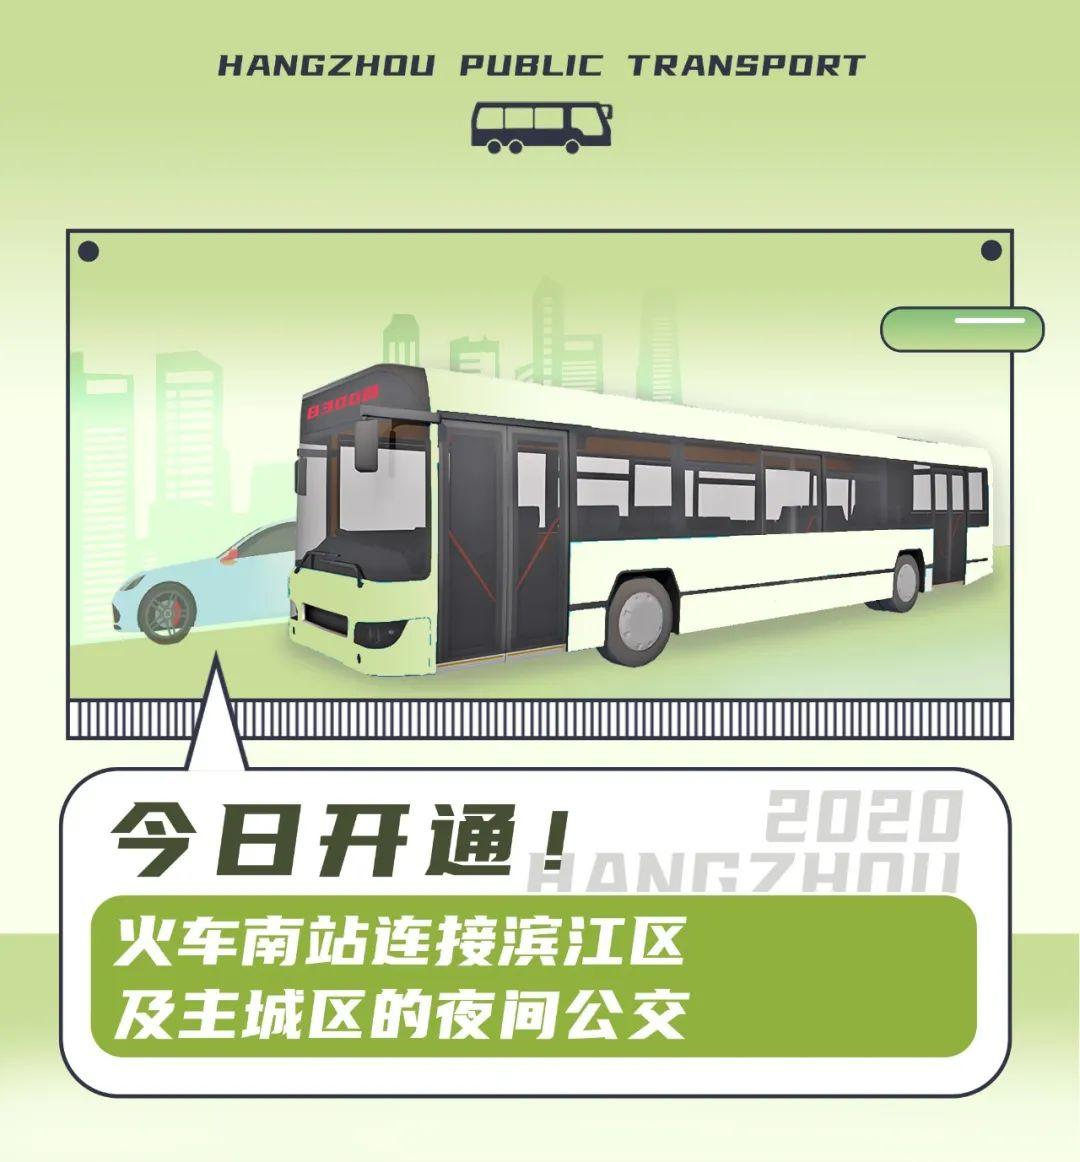 好消息!铁路杭州南站到主城区的夜间通宵线今天开通!过哪些站?什么时间?